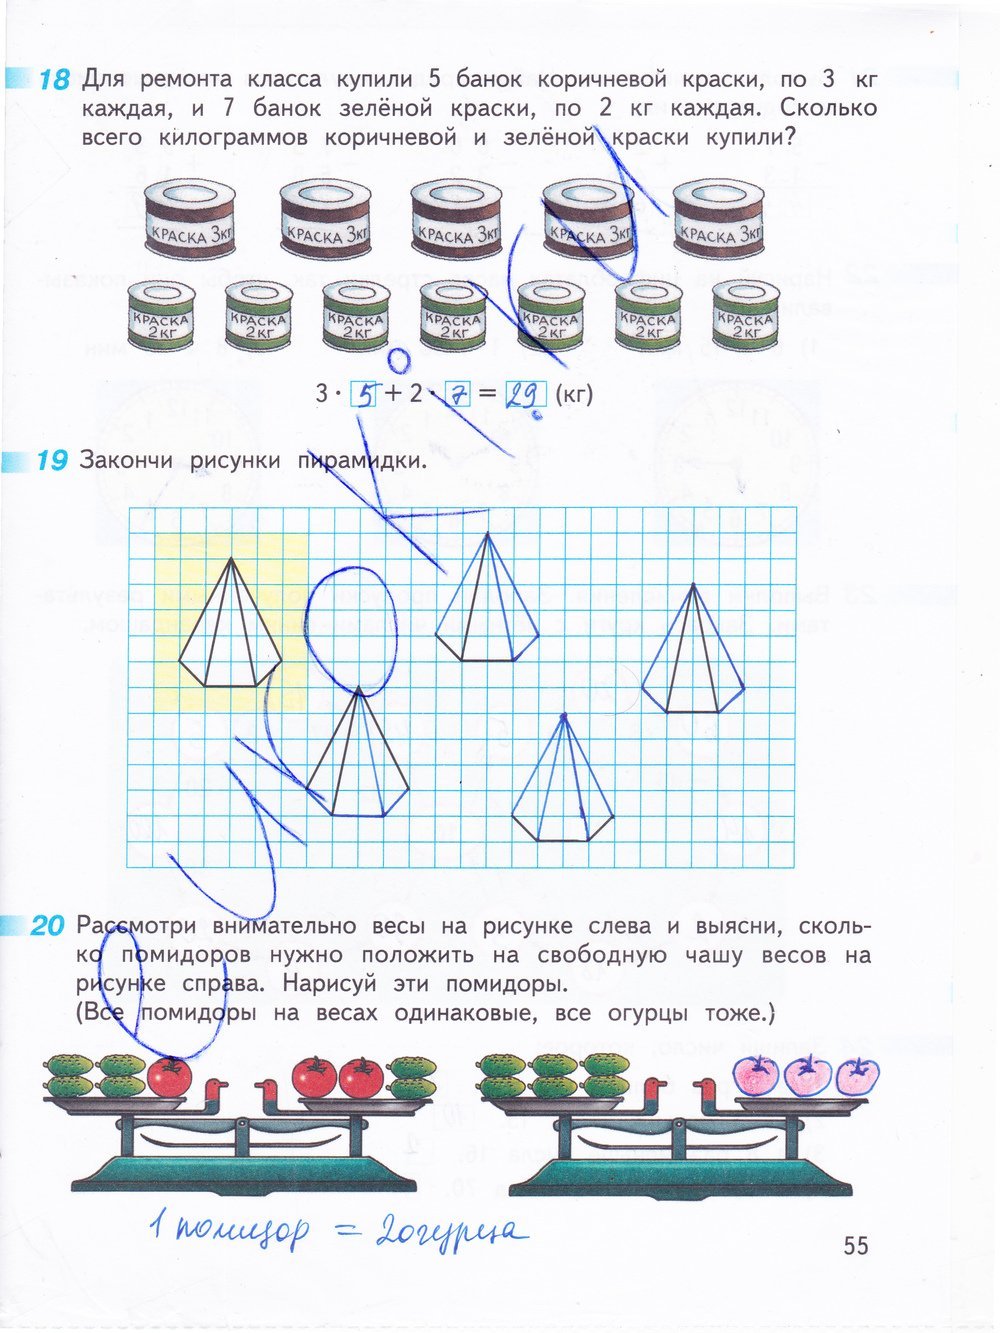 домашнее 10 по класс задание готовое математики